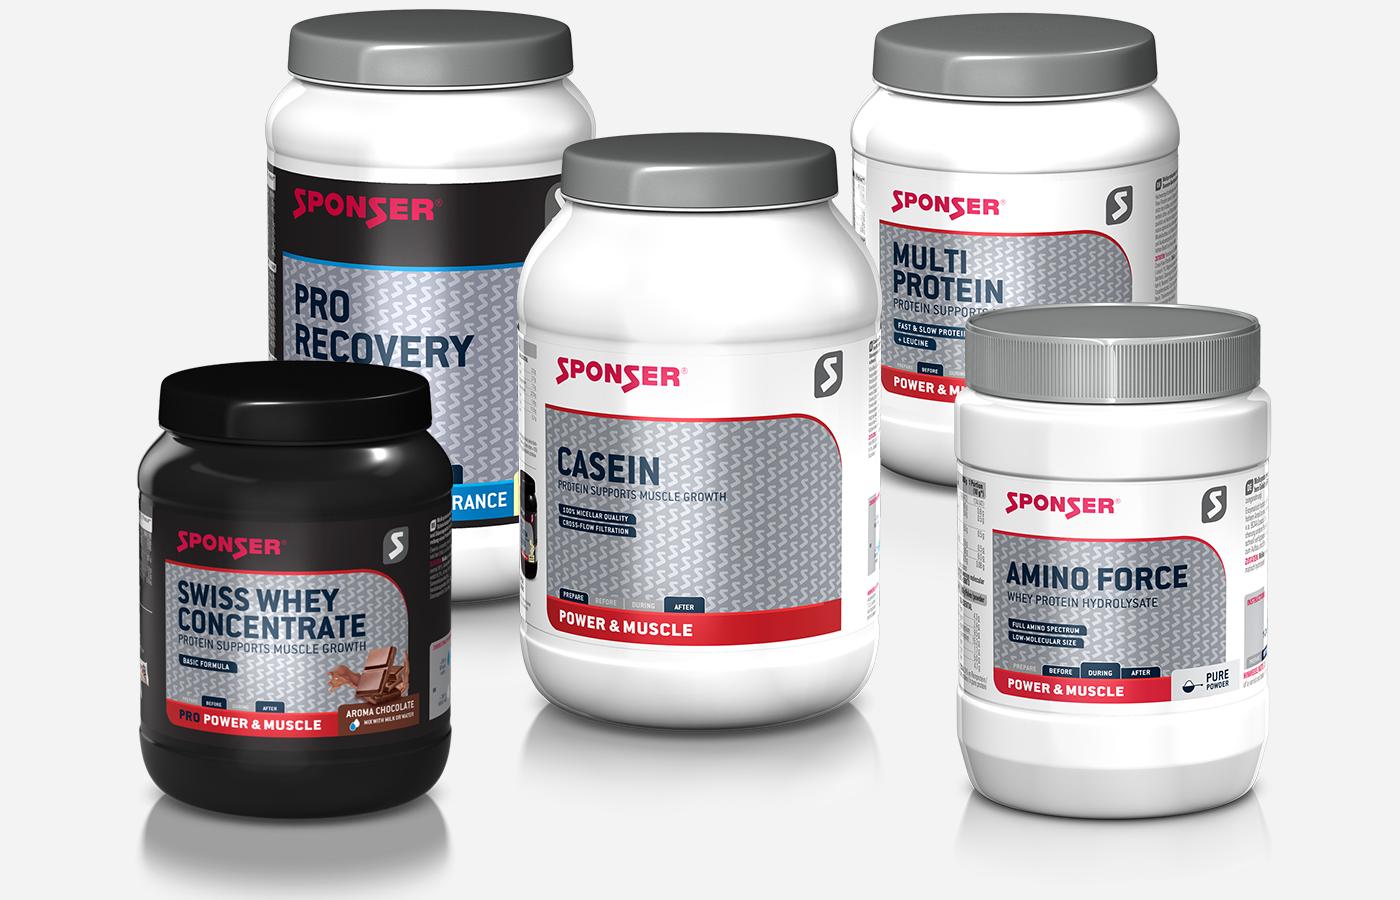 Protein Powders in Comparison